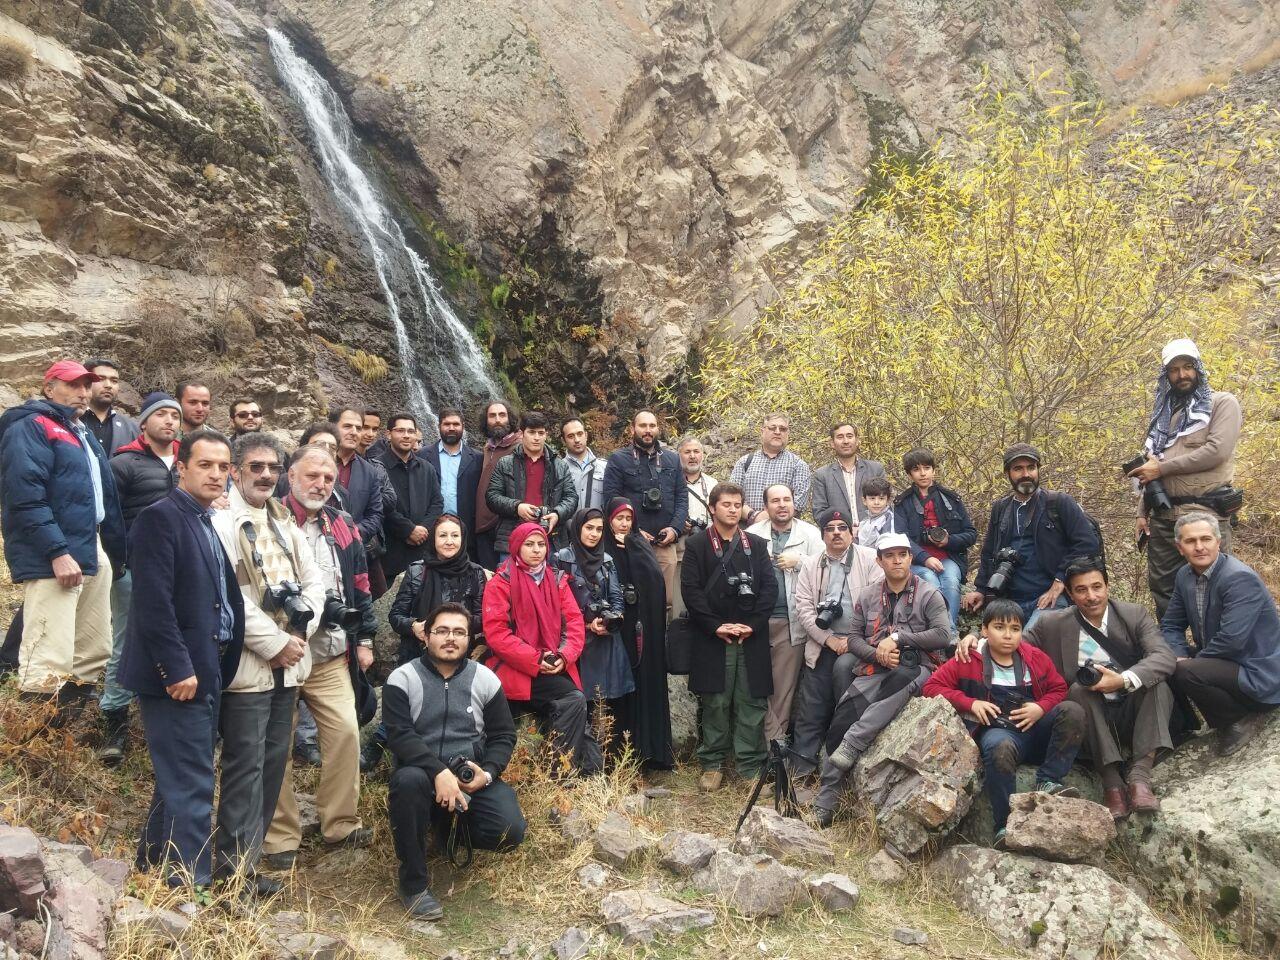 برگزاری تور یک روزه عکاسی با همکاری شهرداری و شورای اسلامی ترک